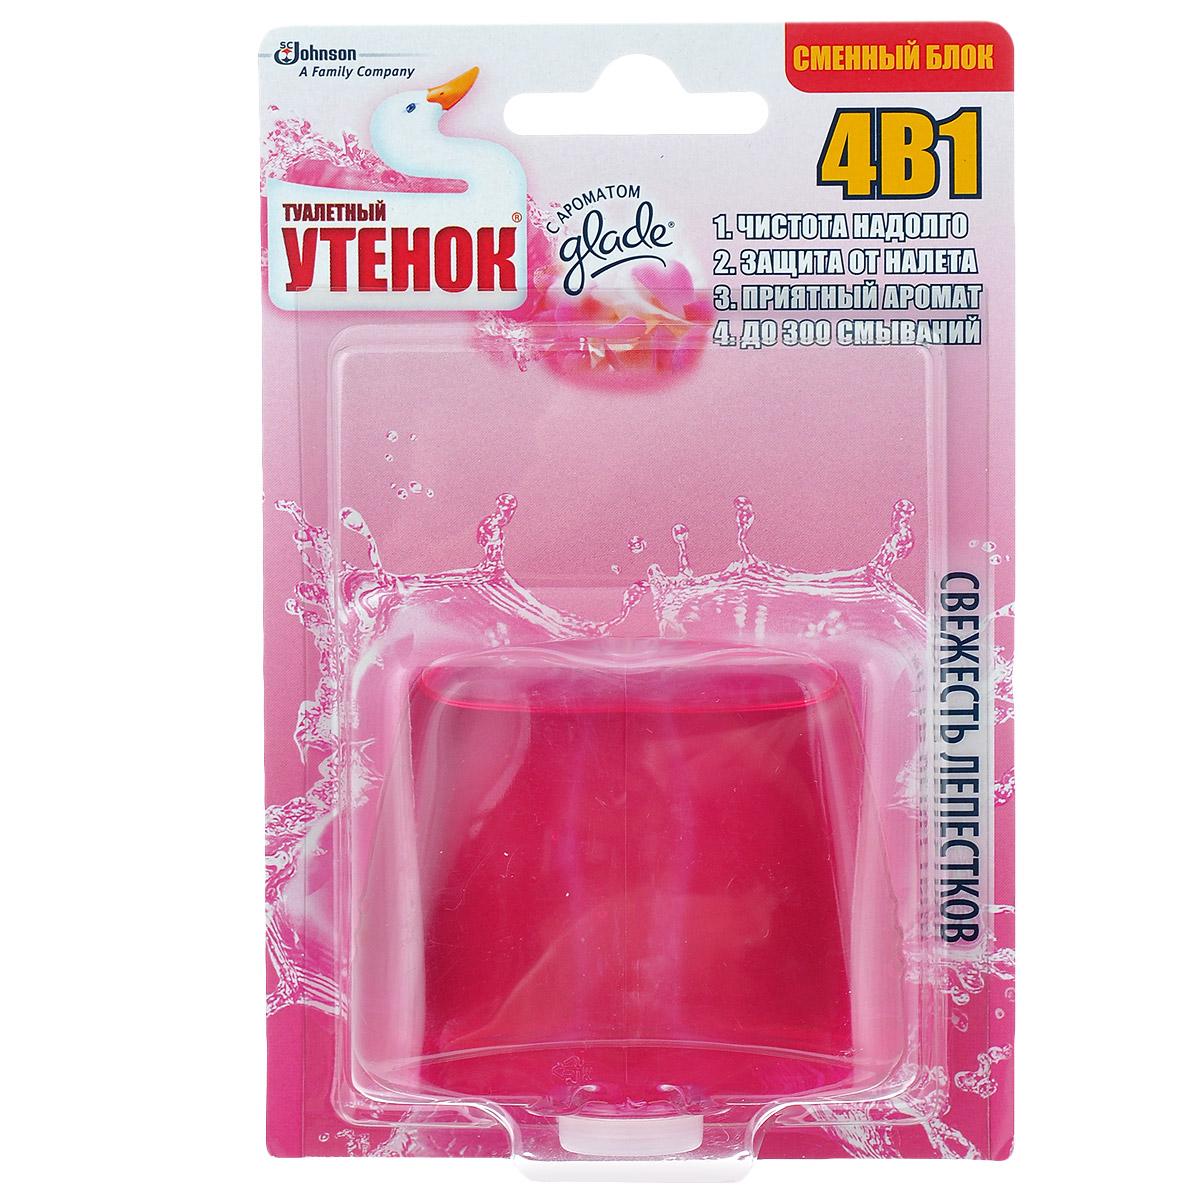 Подвесной очиститель унитаза Туалетный утенок 4в1, свежесть лепестков, сменный блок, 55 мл подвесной очиститель унитаза туалетный утенок 4в1 морской основной блок 55 мл